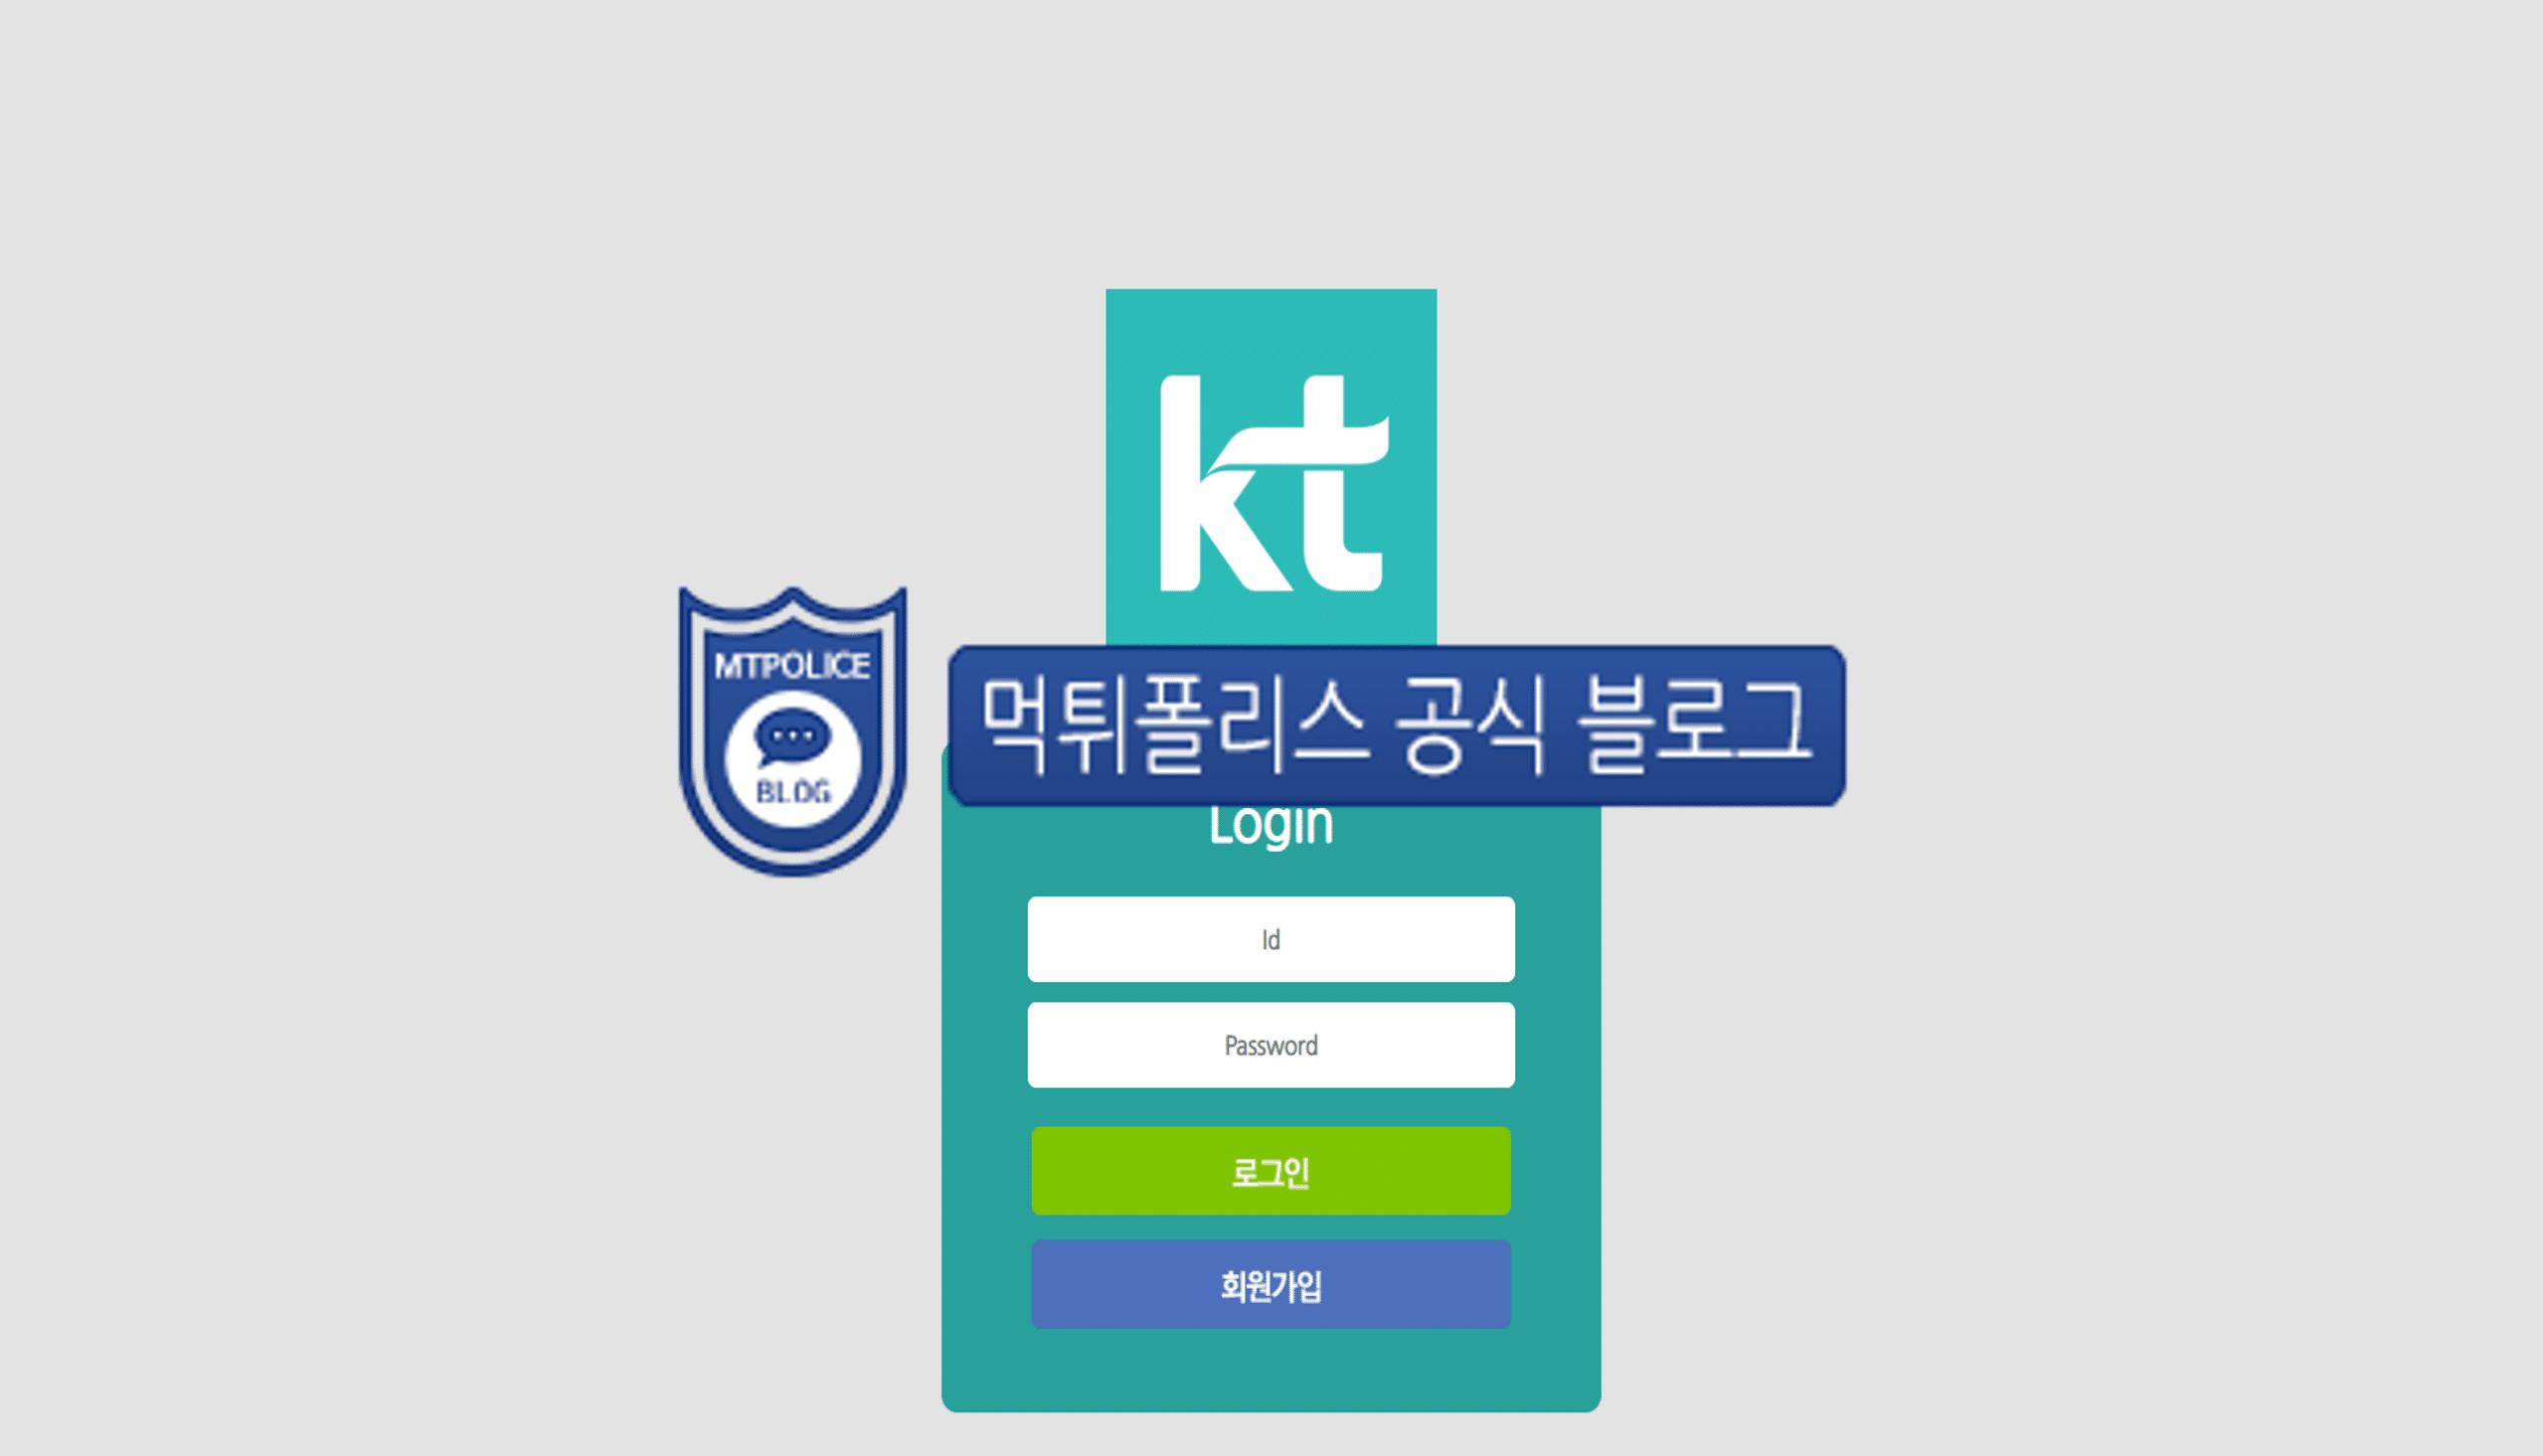 먹튀사이트 케이티 먹튀검증